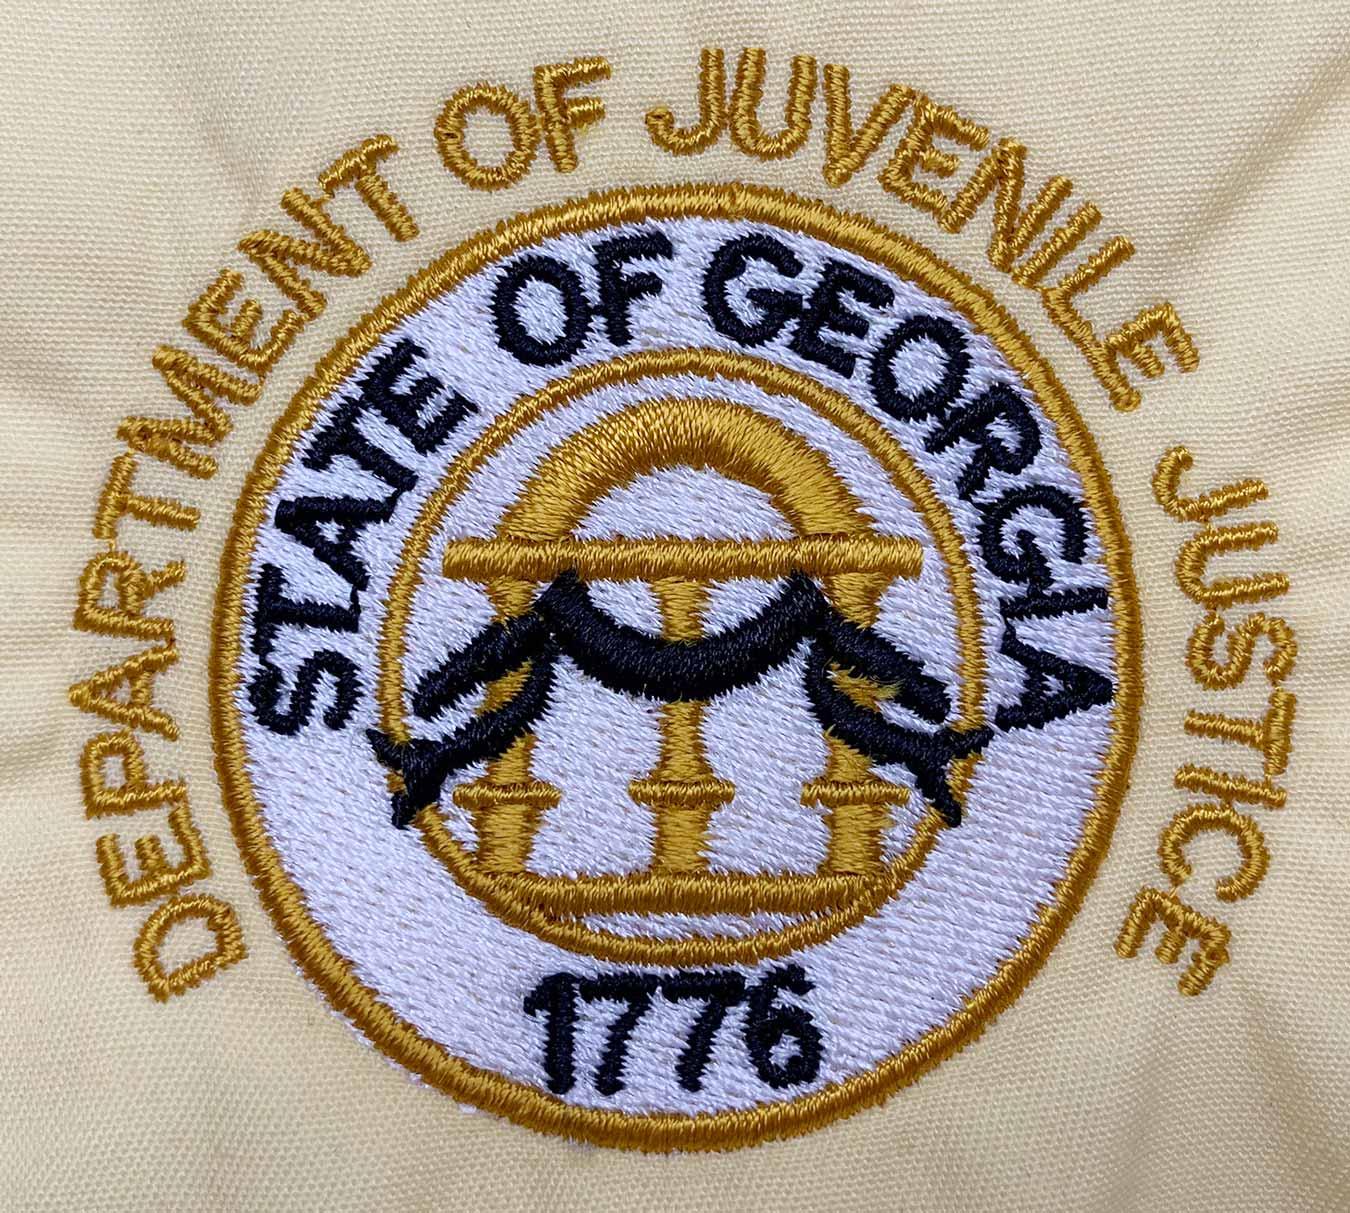 KYC_DEPT-OF-JUVENILE-JUSTICE-STATE-OF-GA_web.jpg